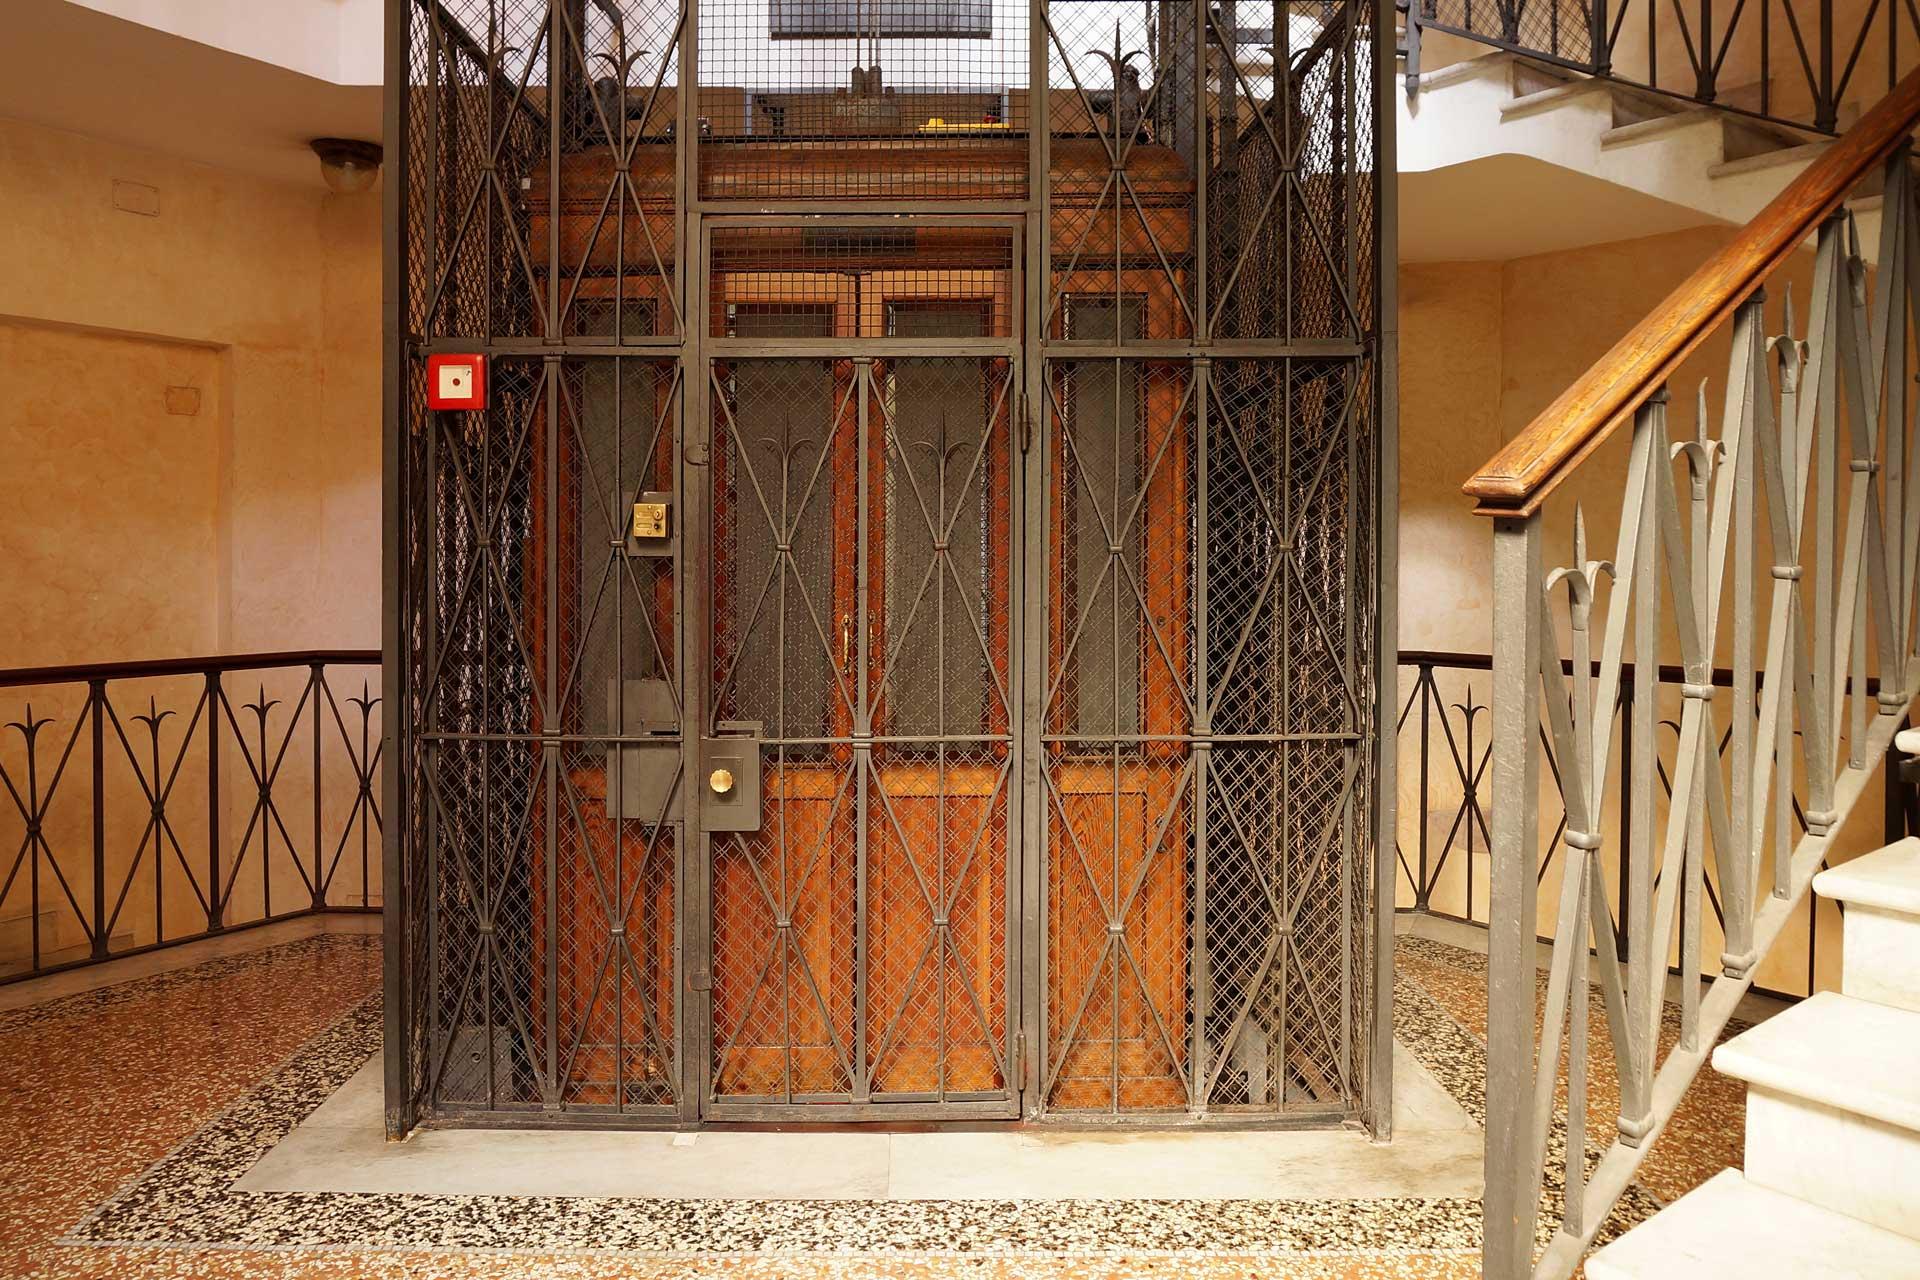 ascensore elettrico con rete